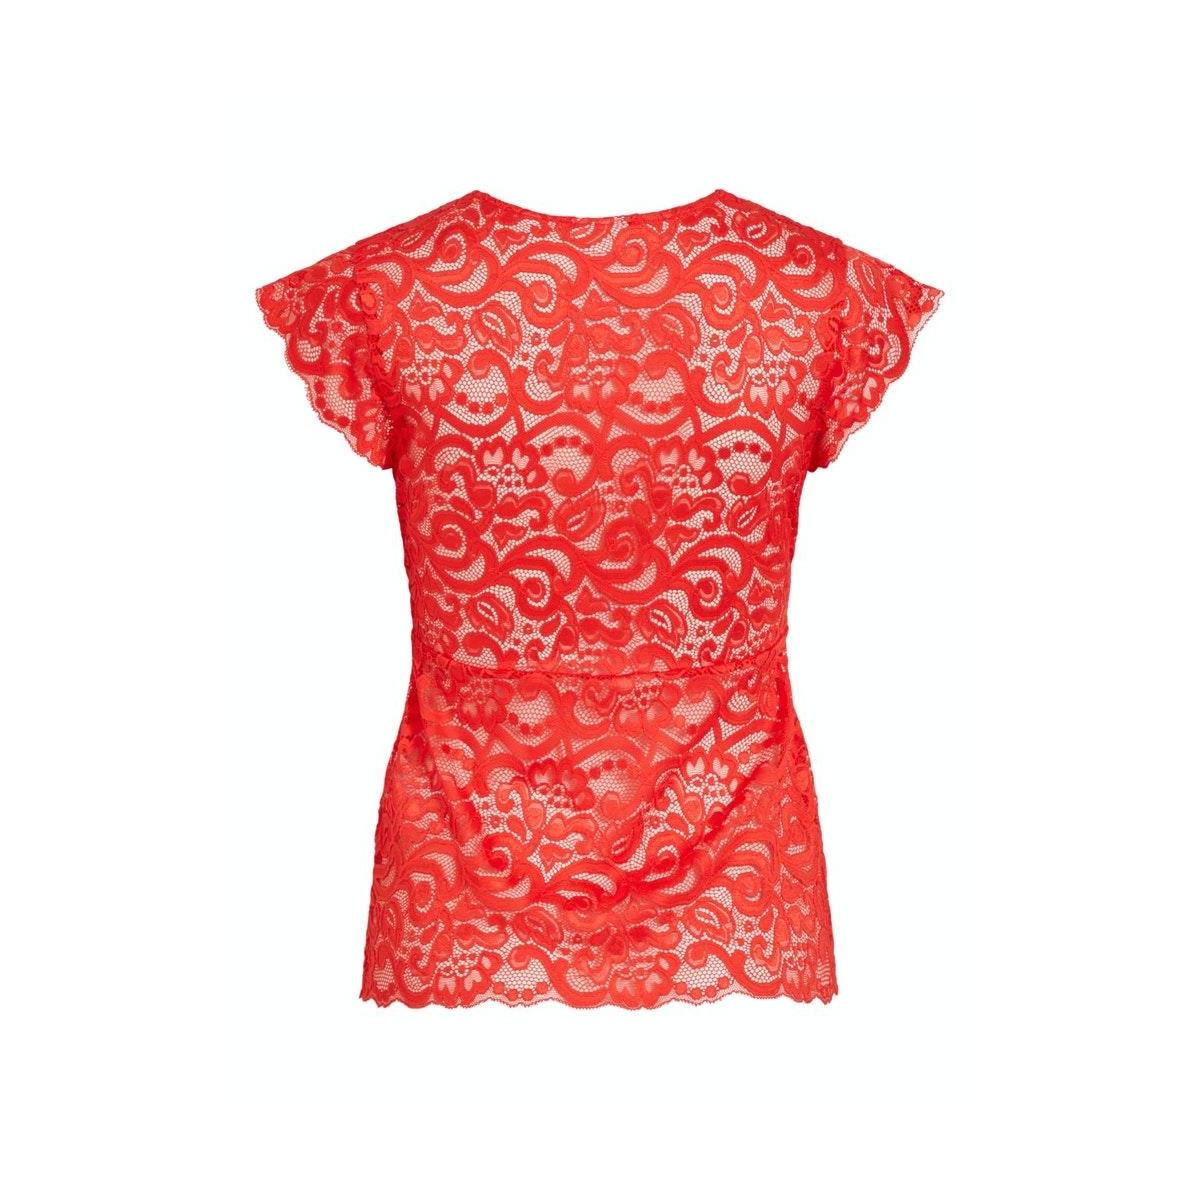 vitaini s/l lace top 14056937 vila t-shirt flame scarlet